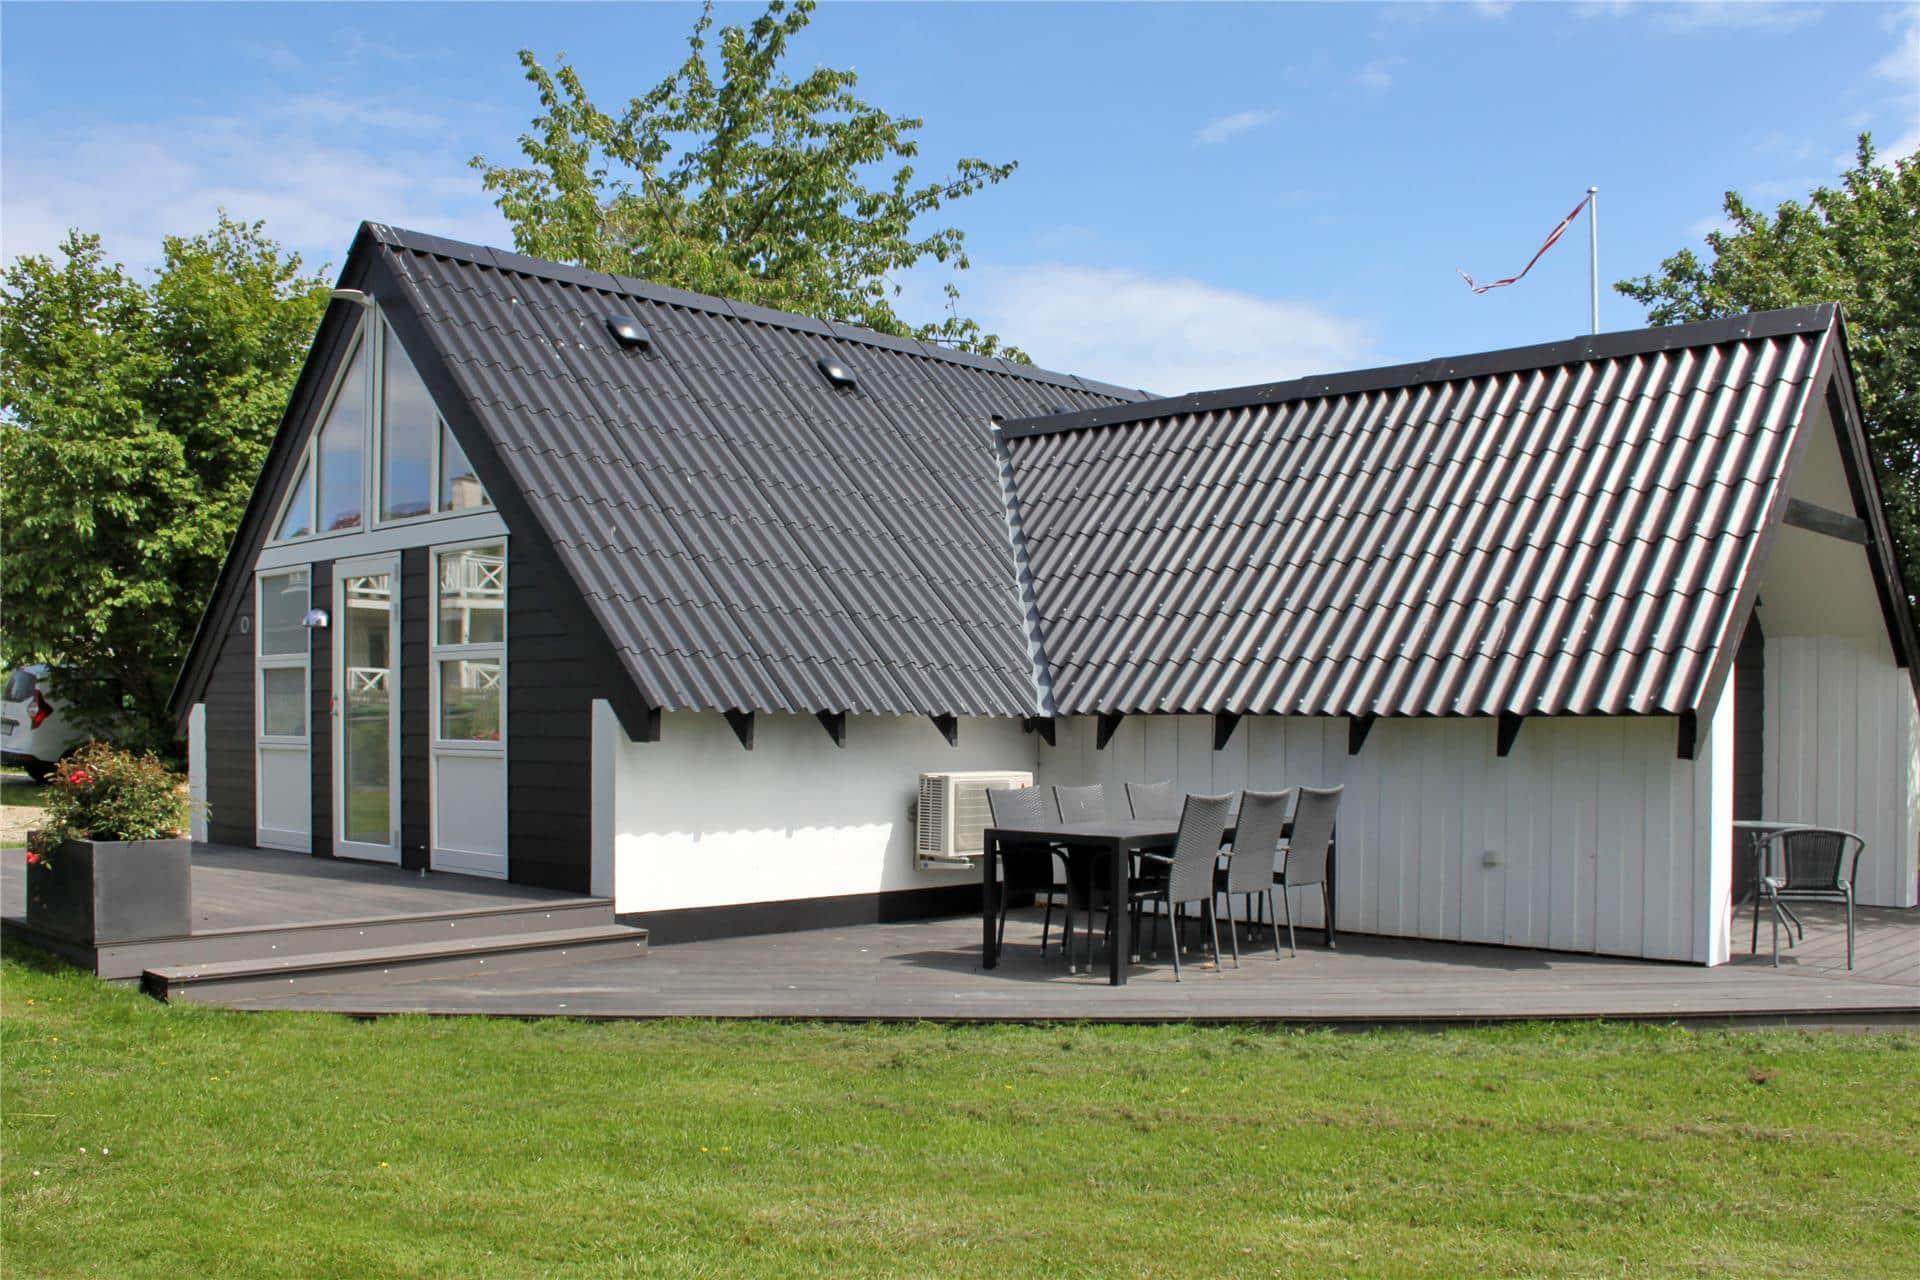 Billede 1-3 Sommerhus M70233, Hanses Ager 1, DK - 5970 Ærøskøbing